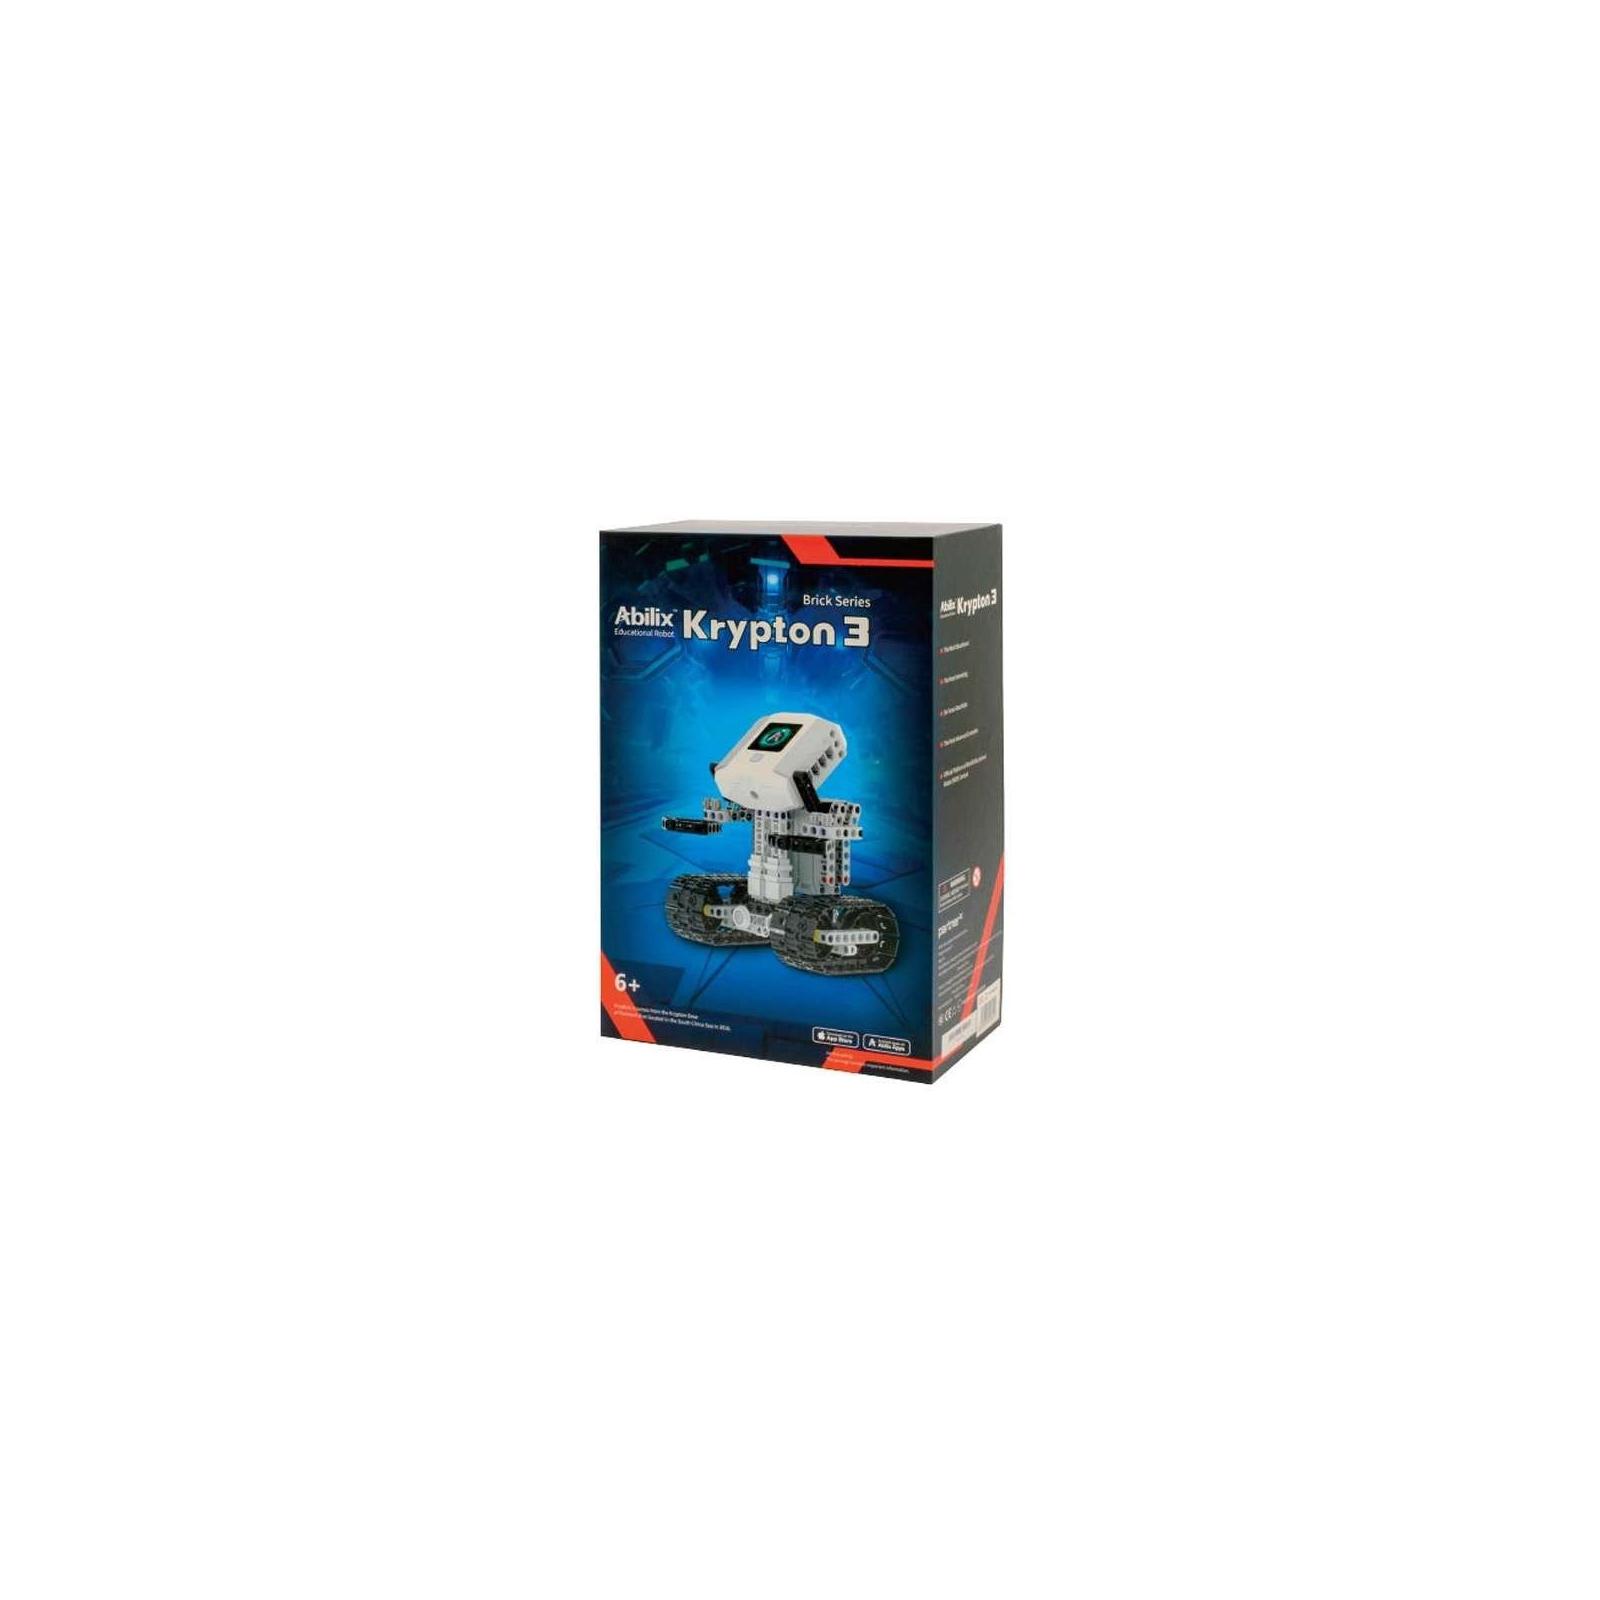 Робот Abilix Krypton 3 (Krypton_3) изображение 7